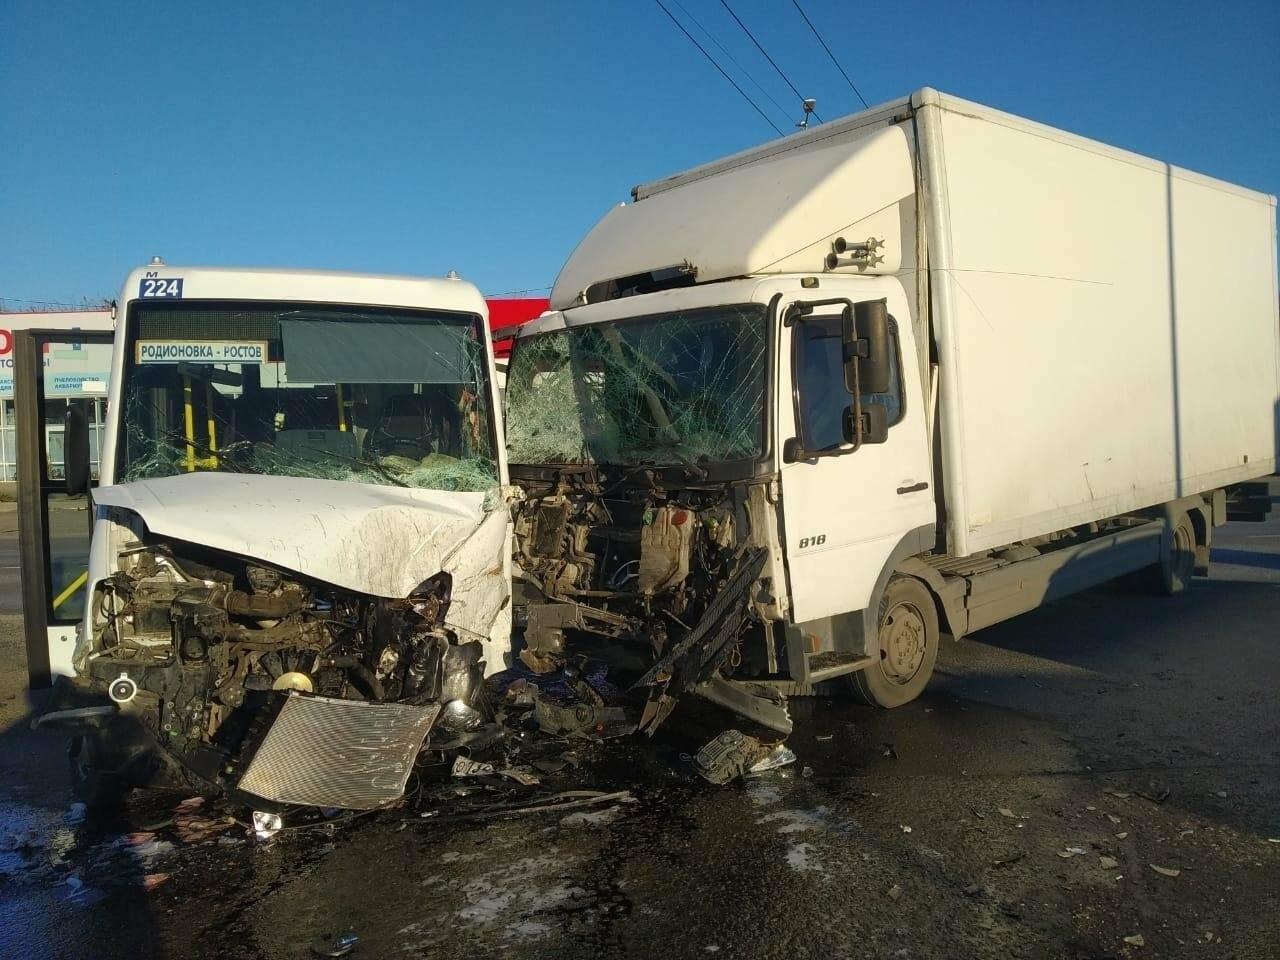 Резко затормозившая легковушка стала причиной серьезной аварии на Дону, фото-1